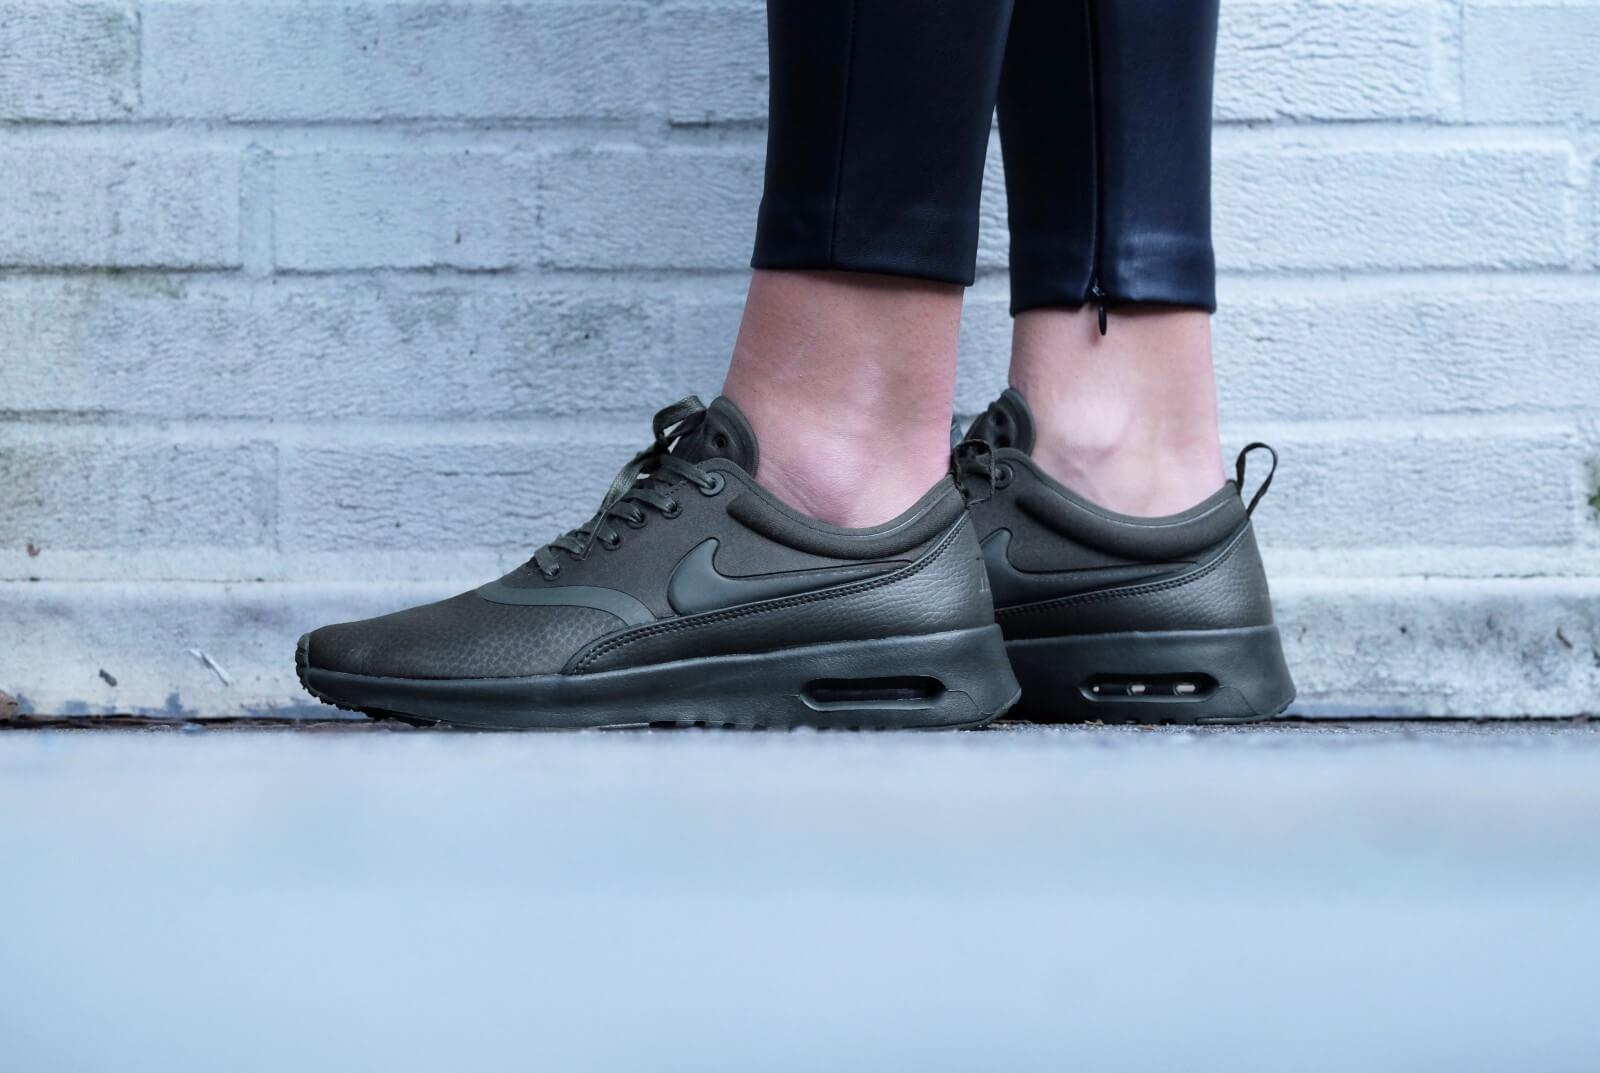 Nike Air Max Thea Ultra Premium Sequoia Medium Olive 848279 301